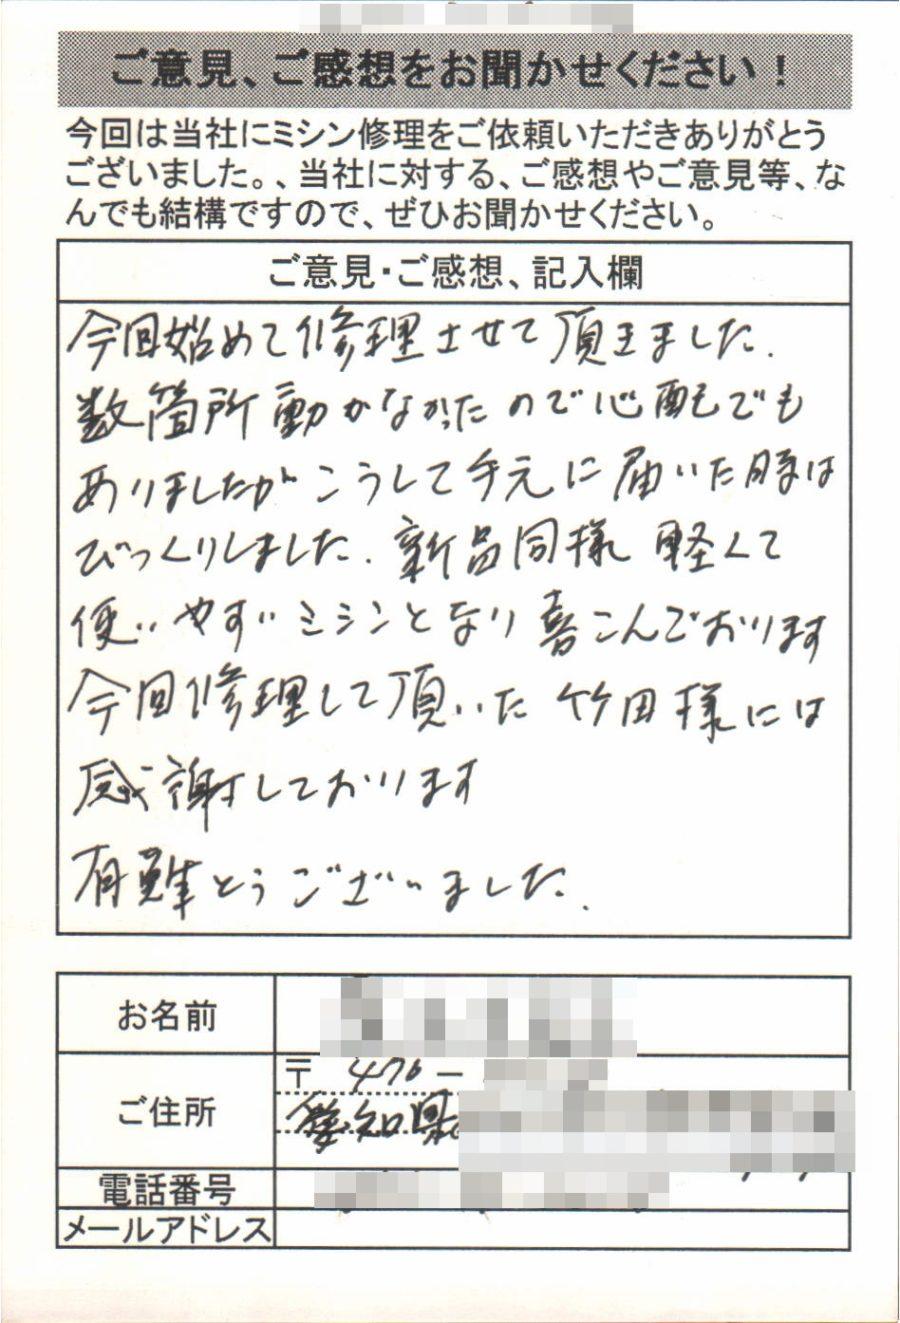 愛知県からミシン修理のお客様の声